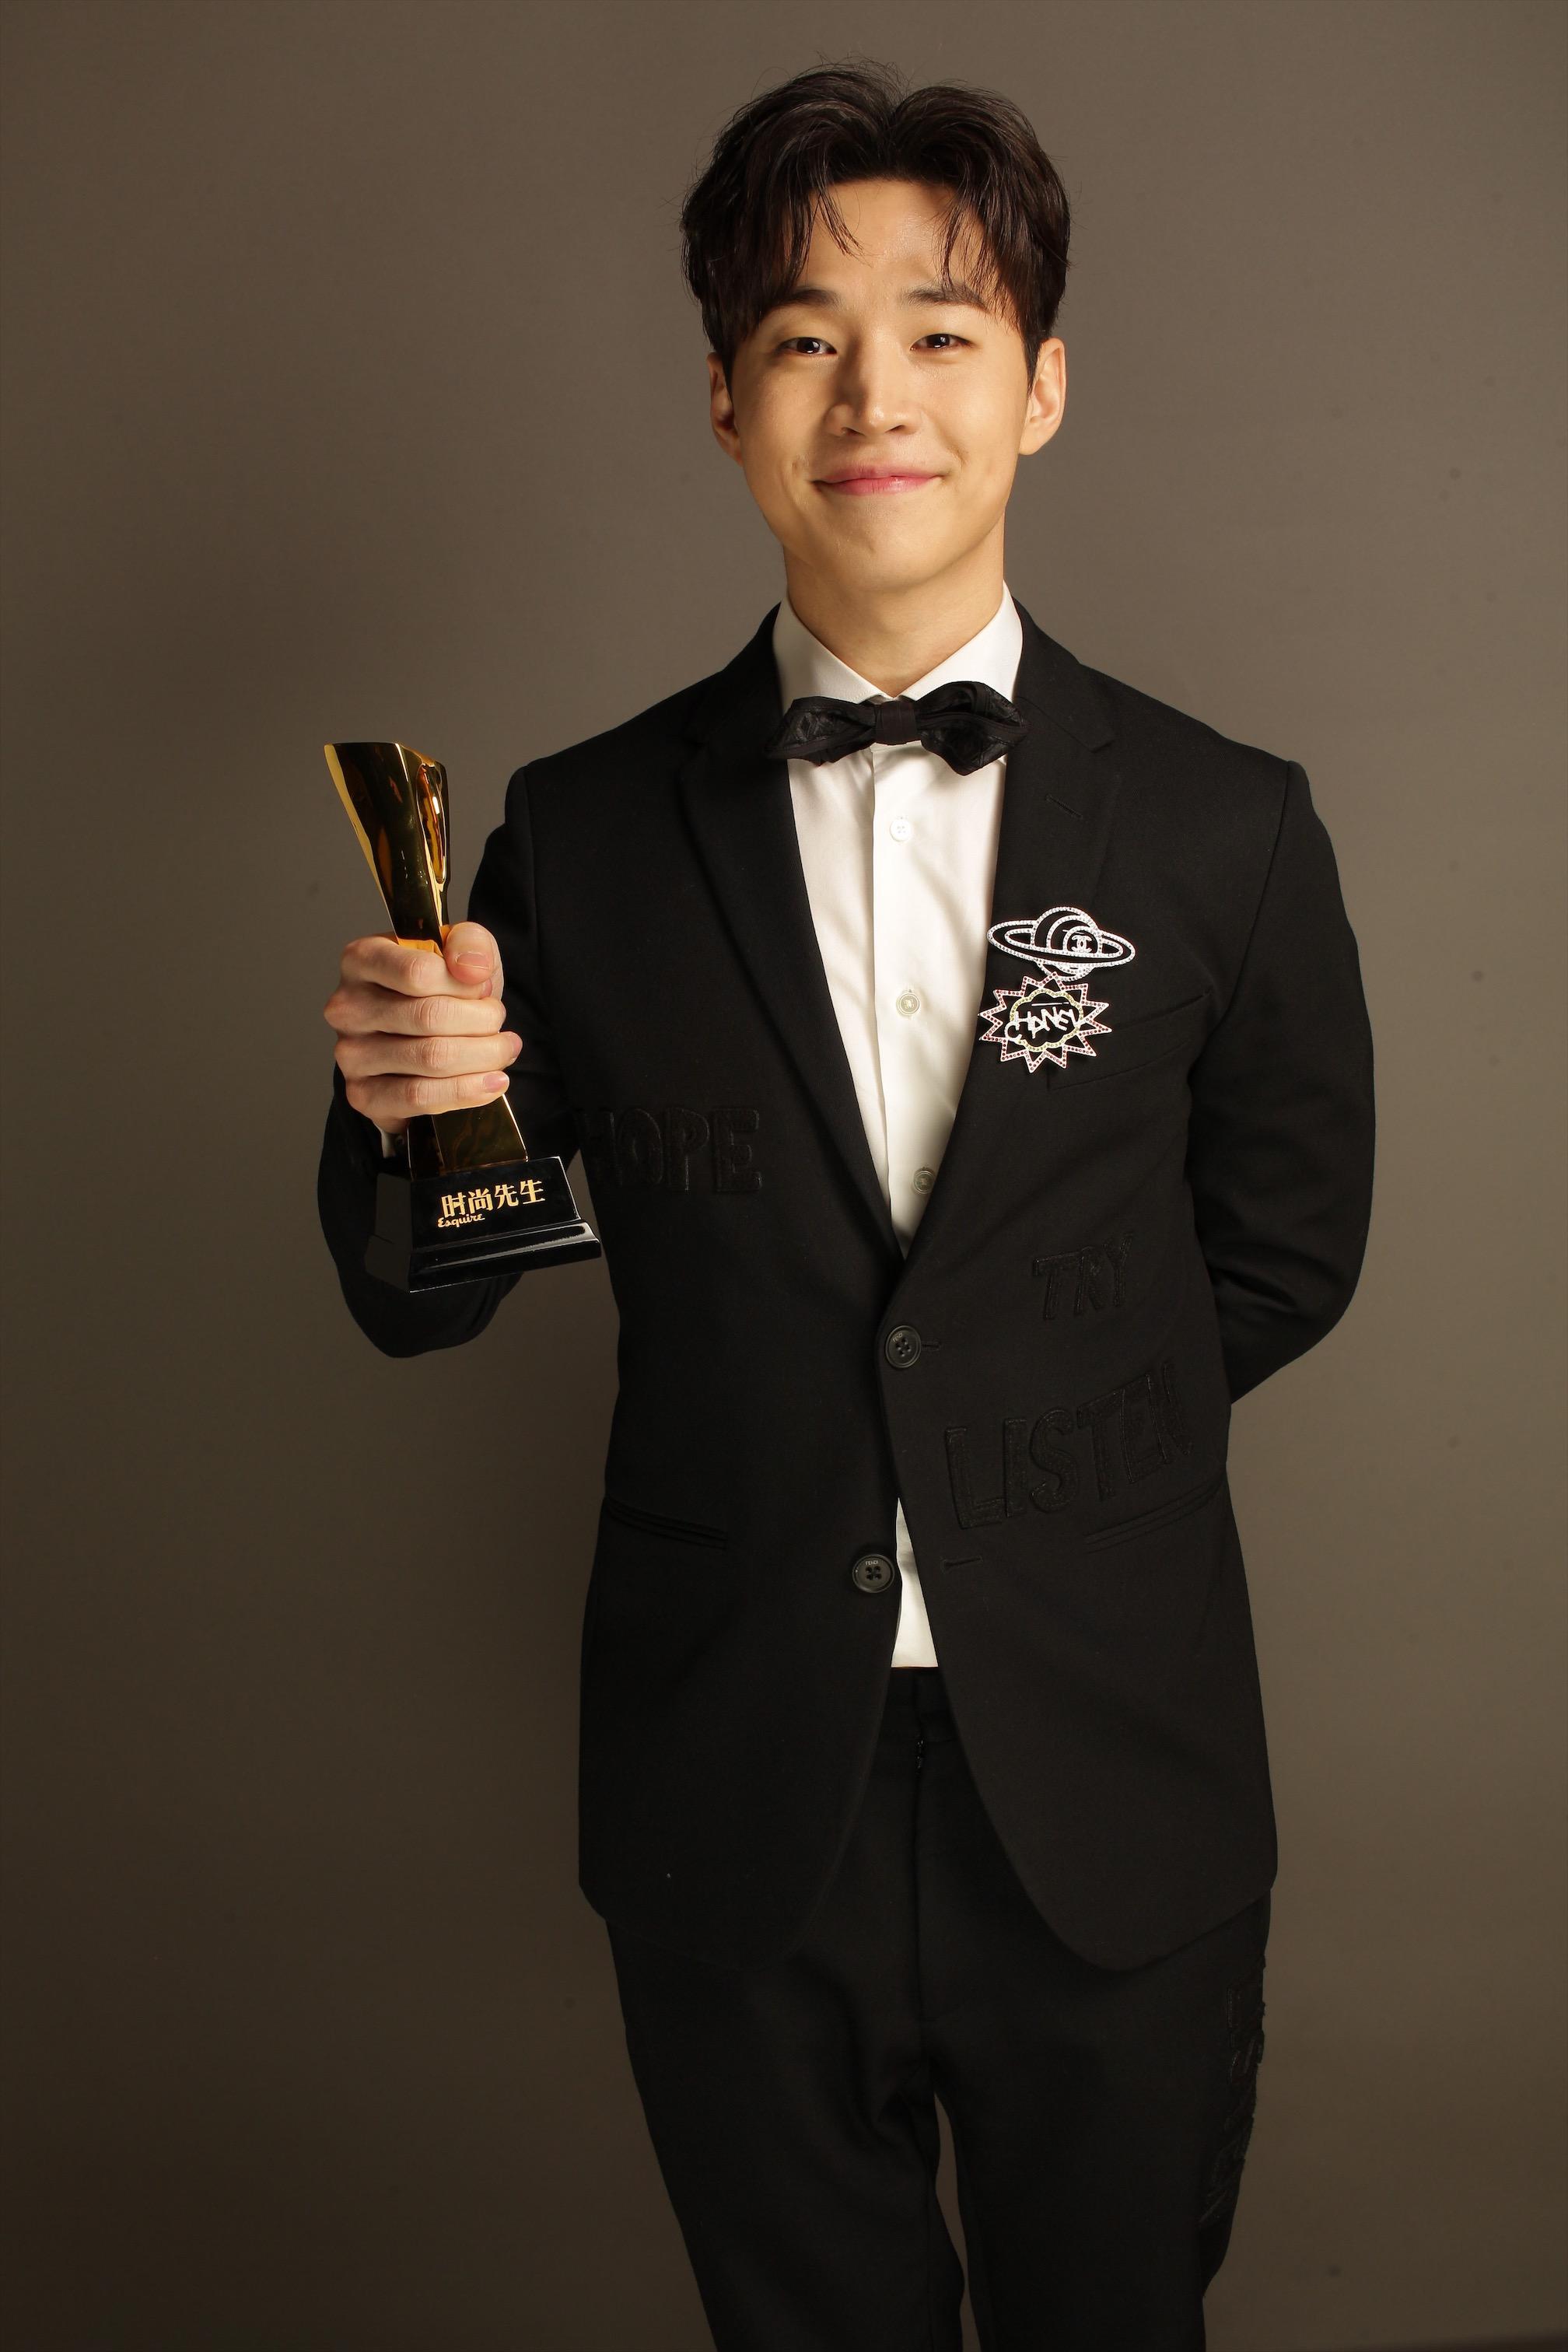 刘宪华年度先生盛典获奖 要做全力以赴的新势力偶像